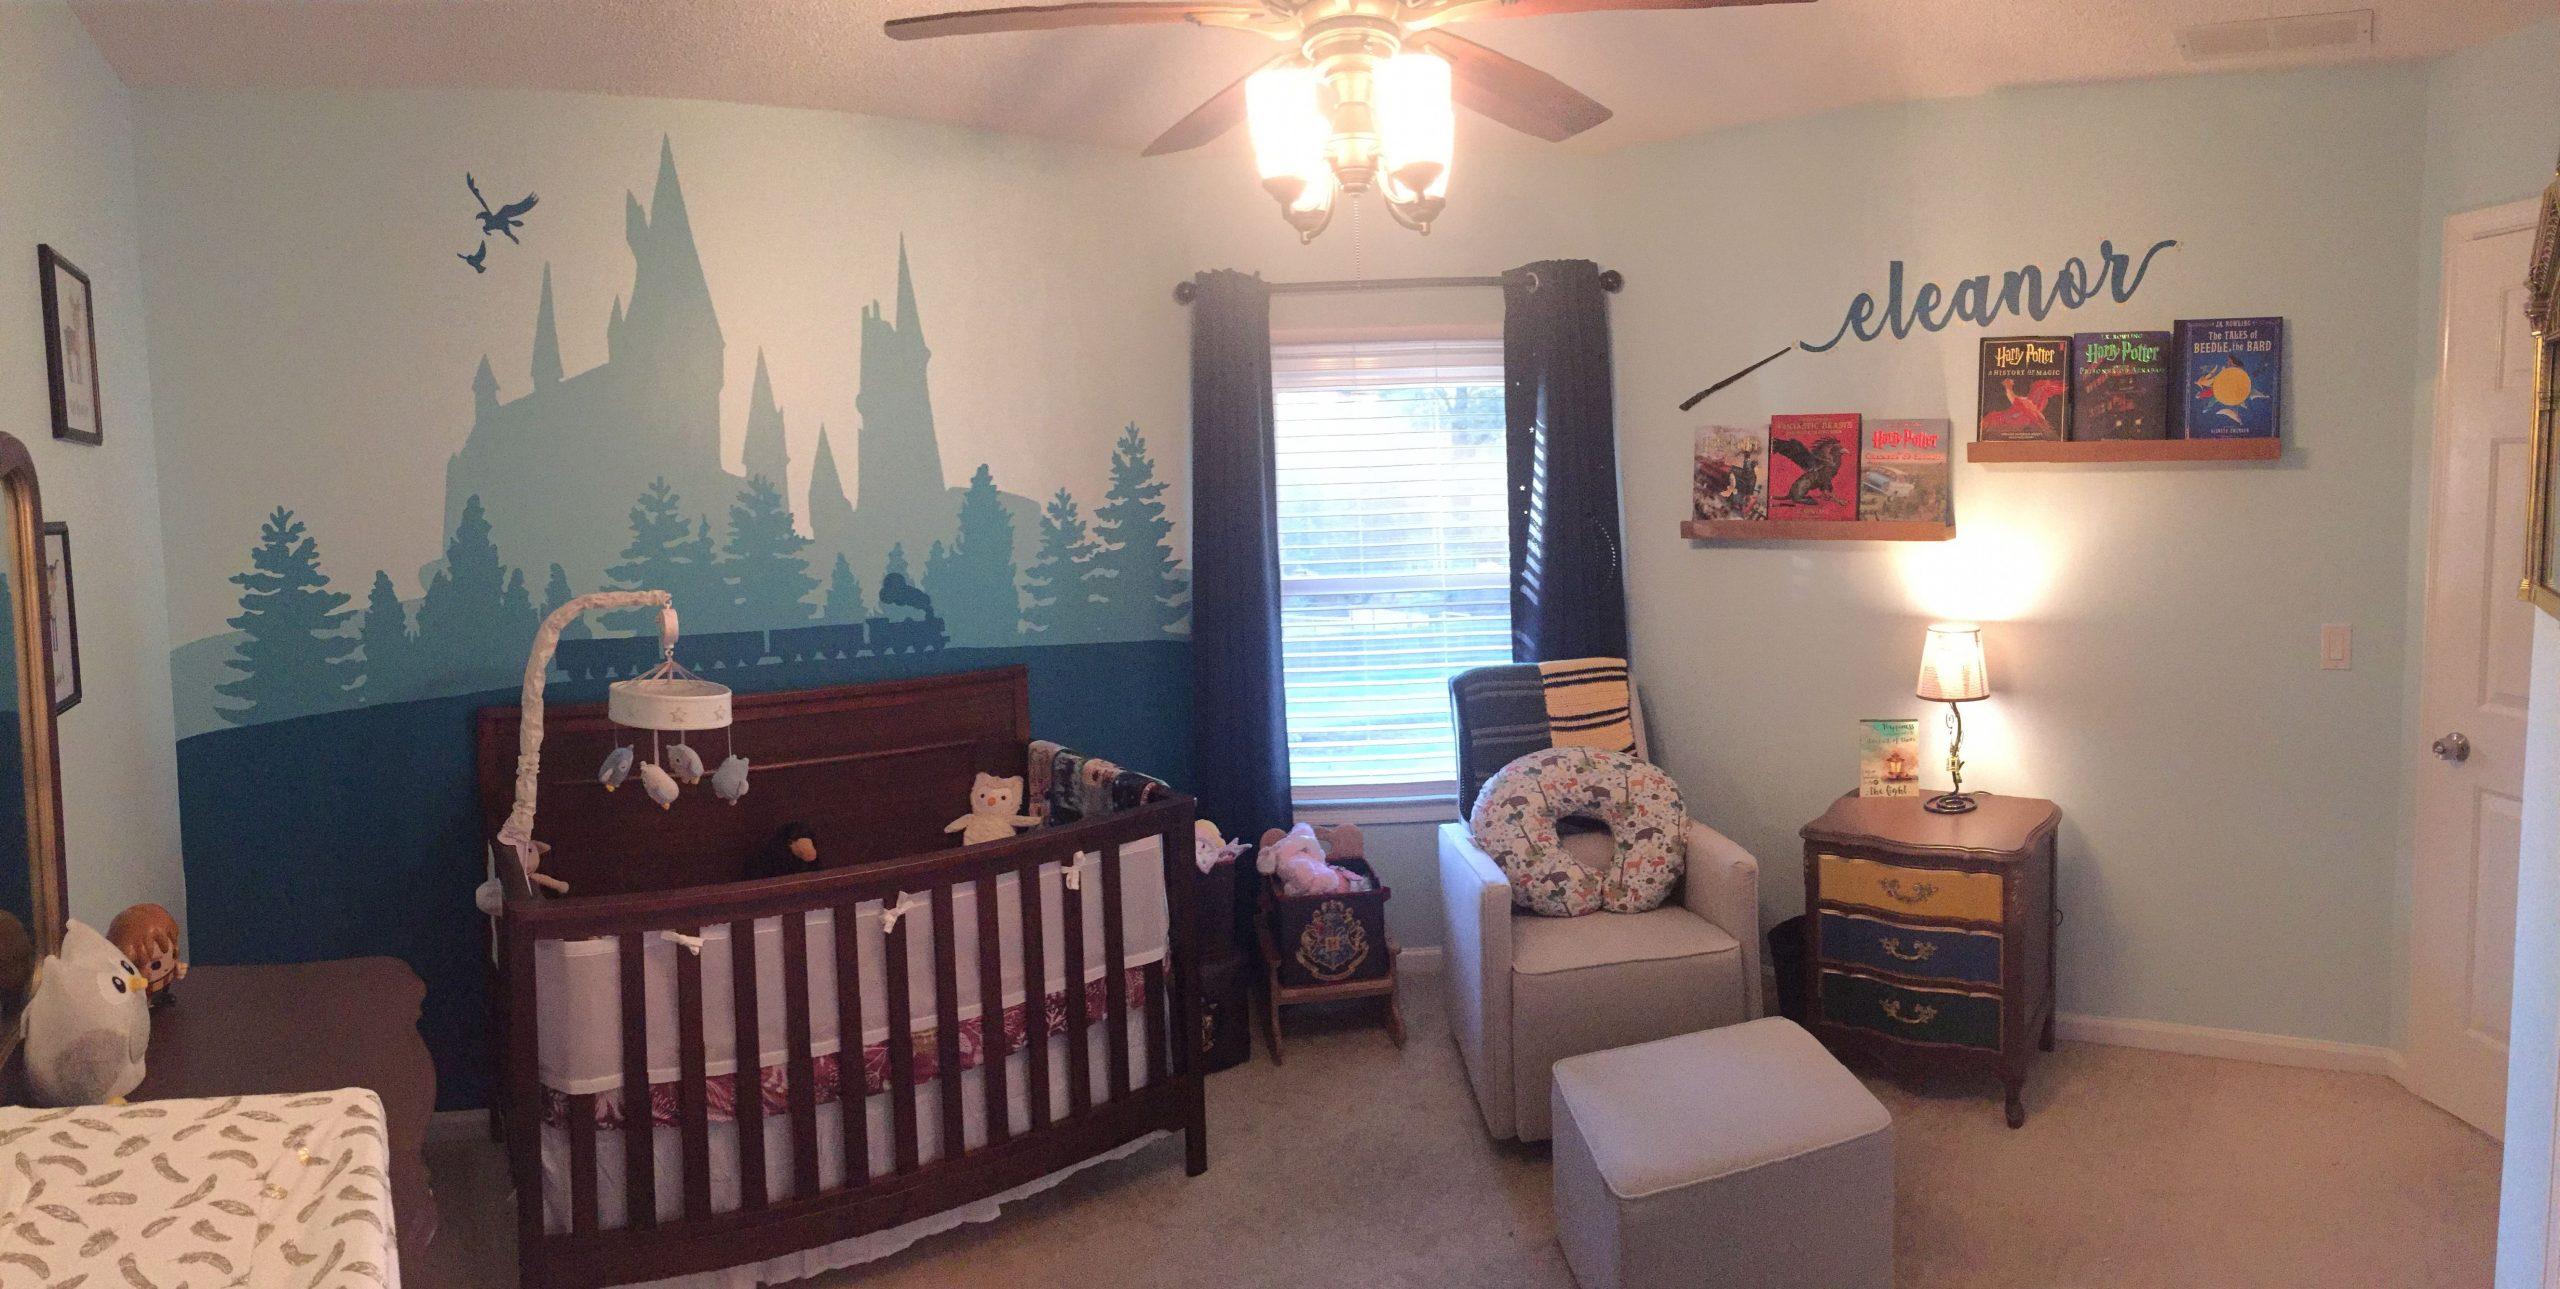 Harry Potter Nursery  Harry potter baby nursery, Harry potter  - Baby Room Harry Potter